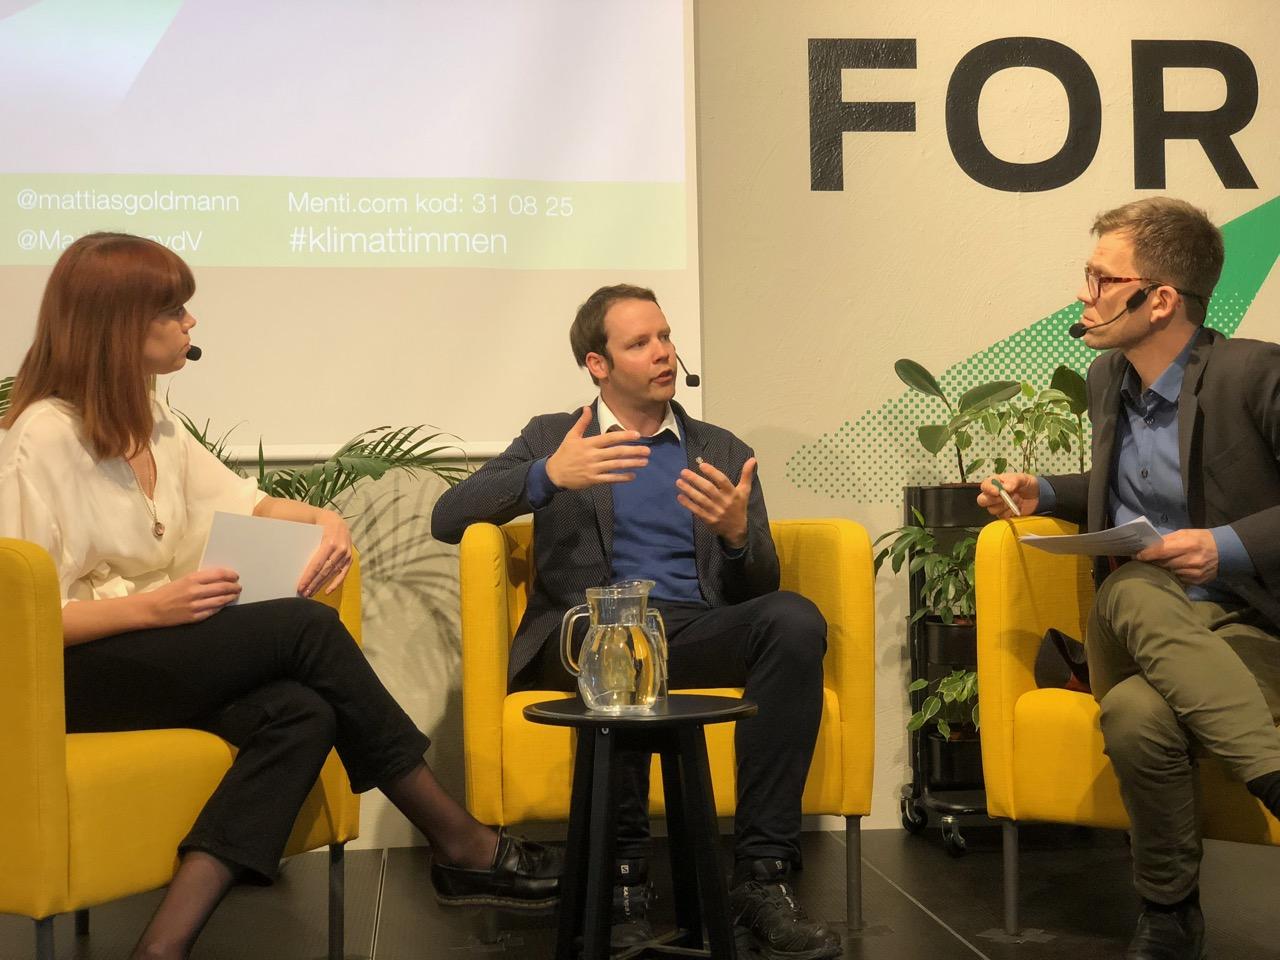 FORES KLIMATTIMMEN – Rickard Nordin energi- och klimatpolitisk talesperson för Centerpartiet frågas ut